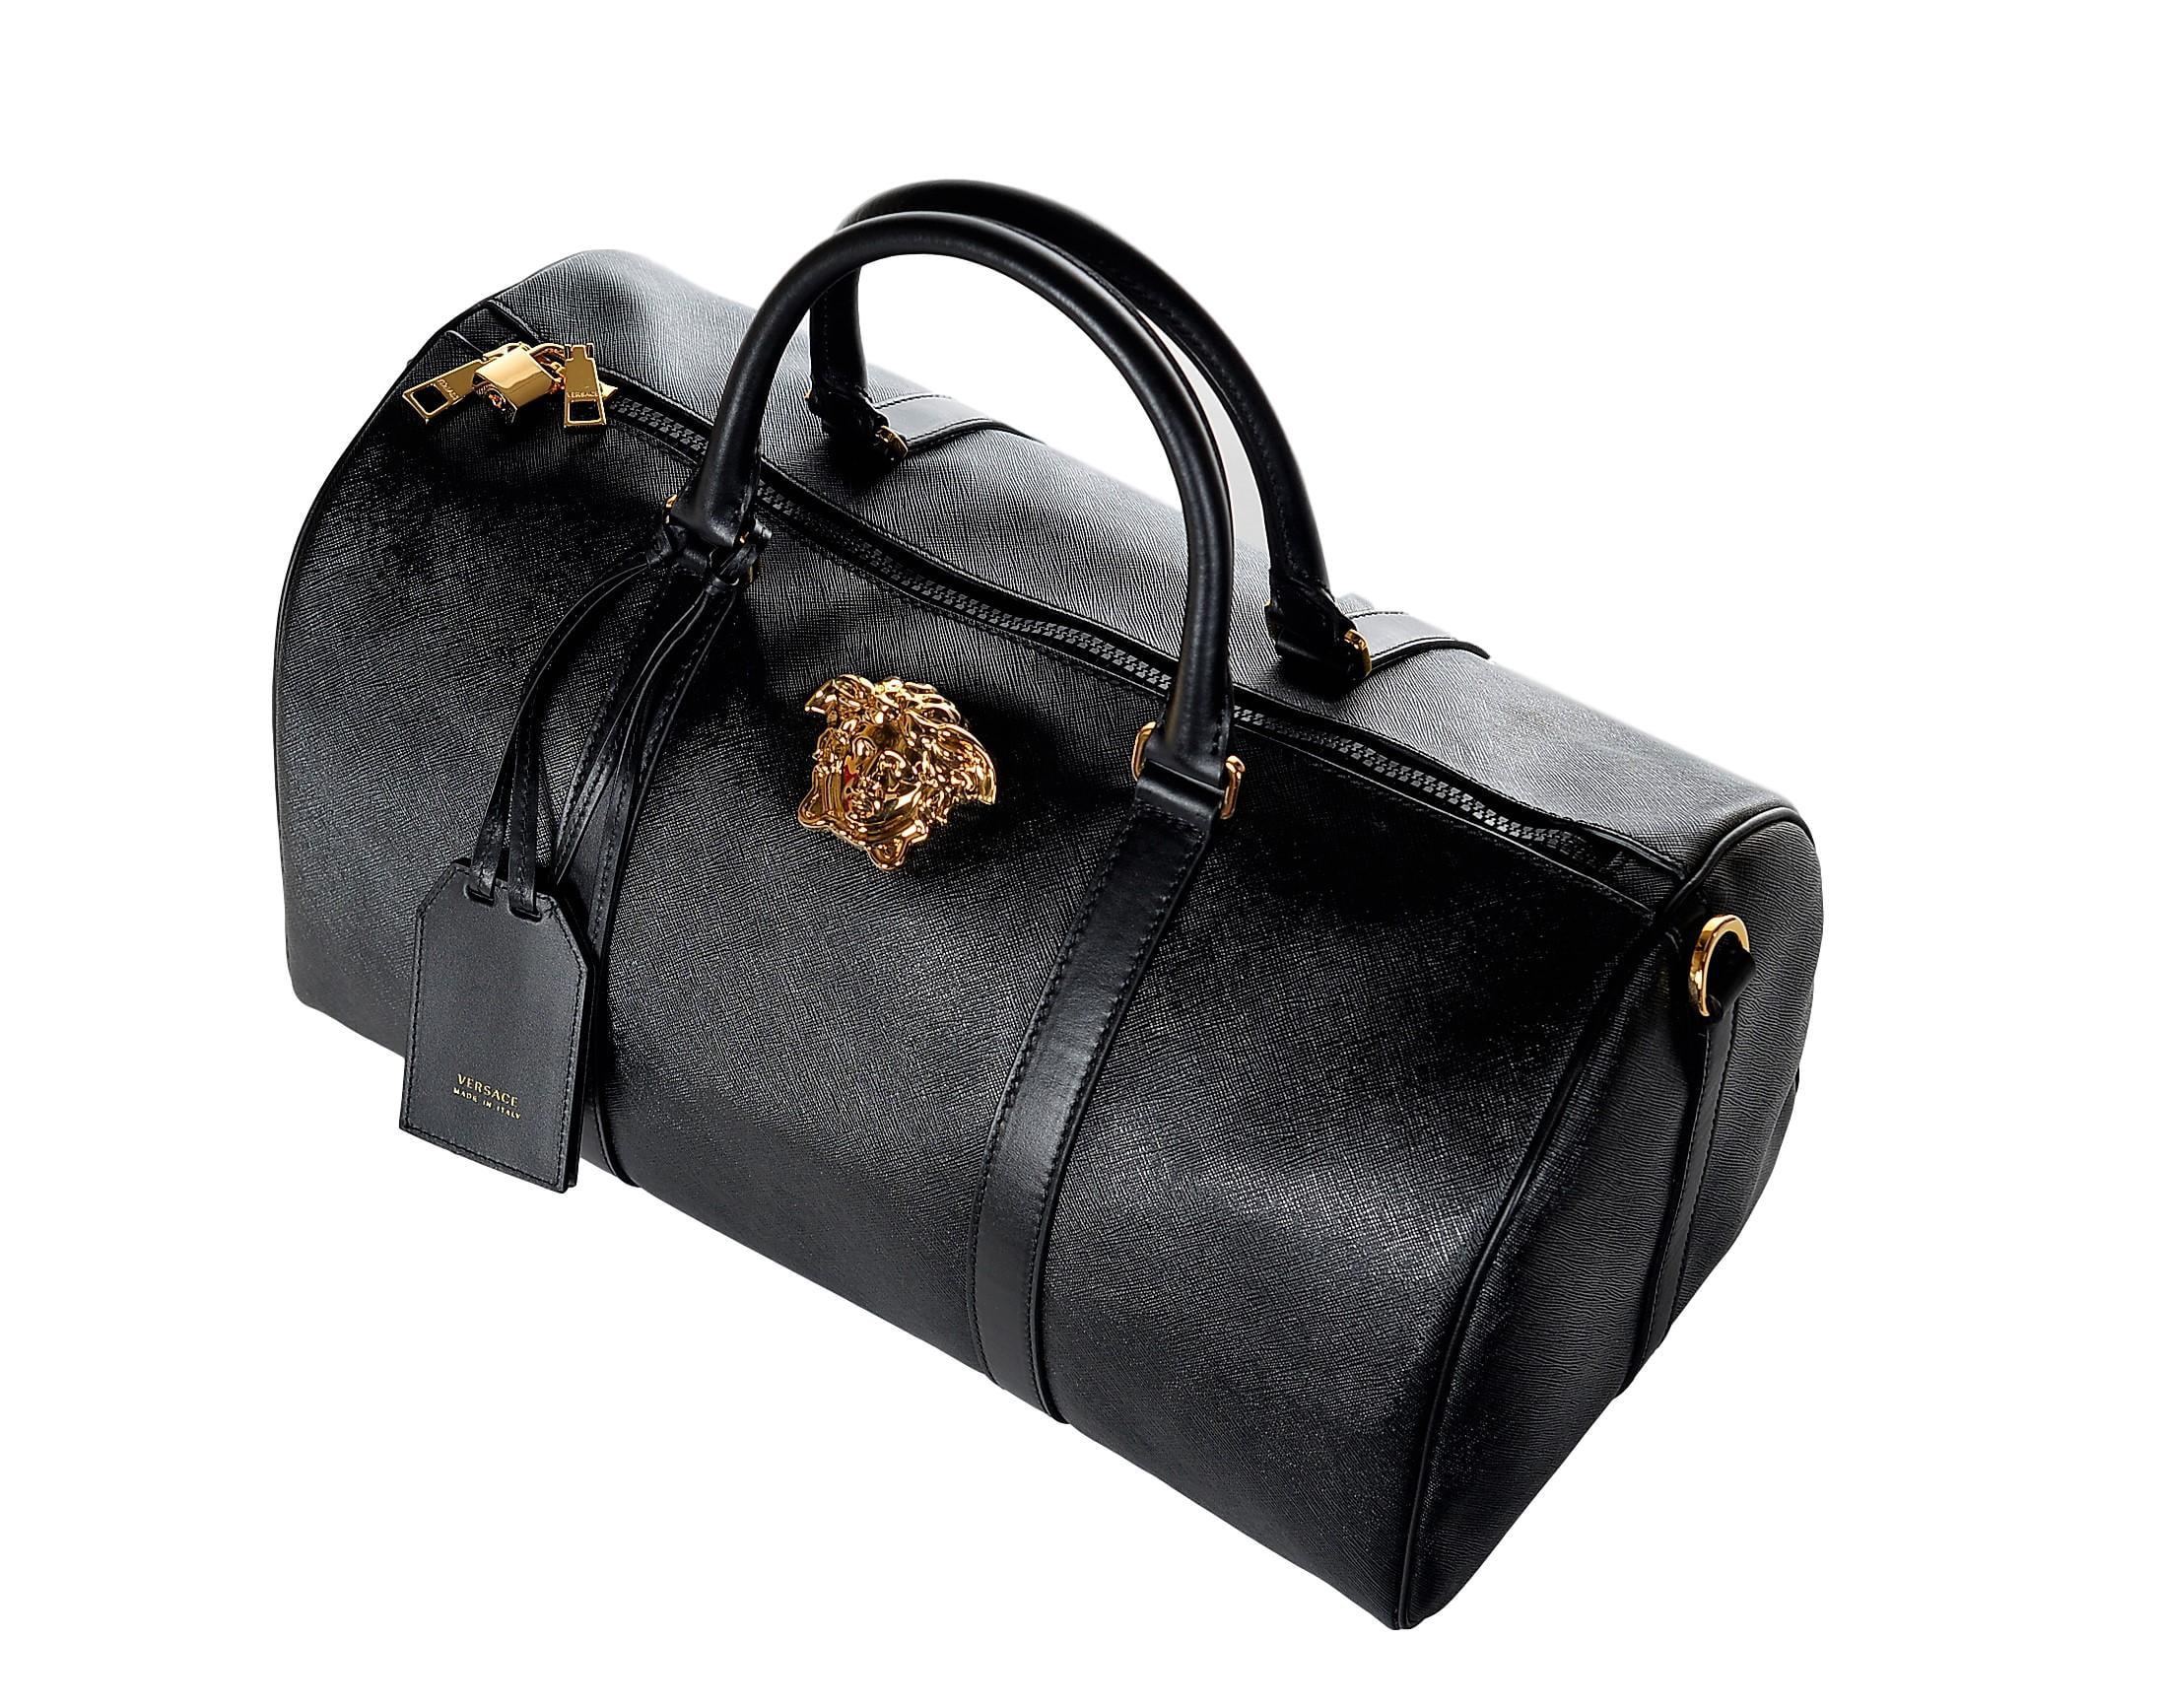 c945182d4 Versace Men's Palazzo Medusa Duffle Bag DV25968 DPVCG DNNOH Black -  Walmart.com